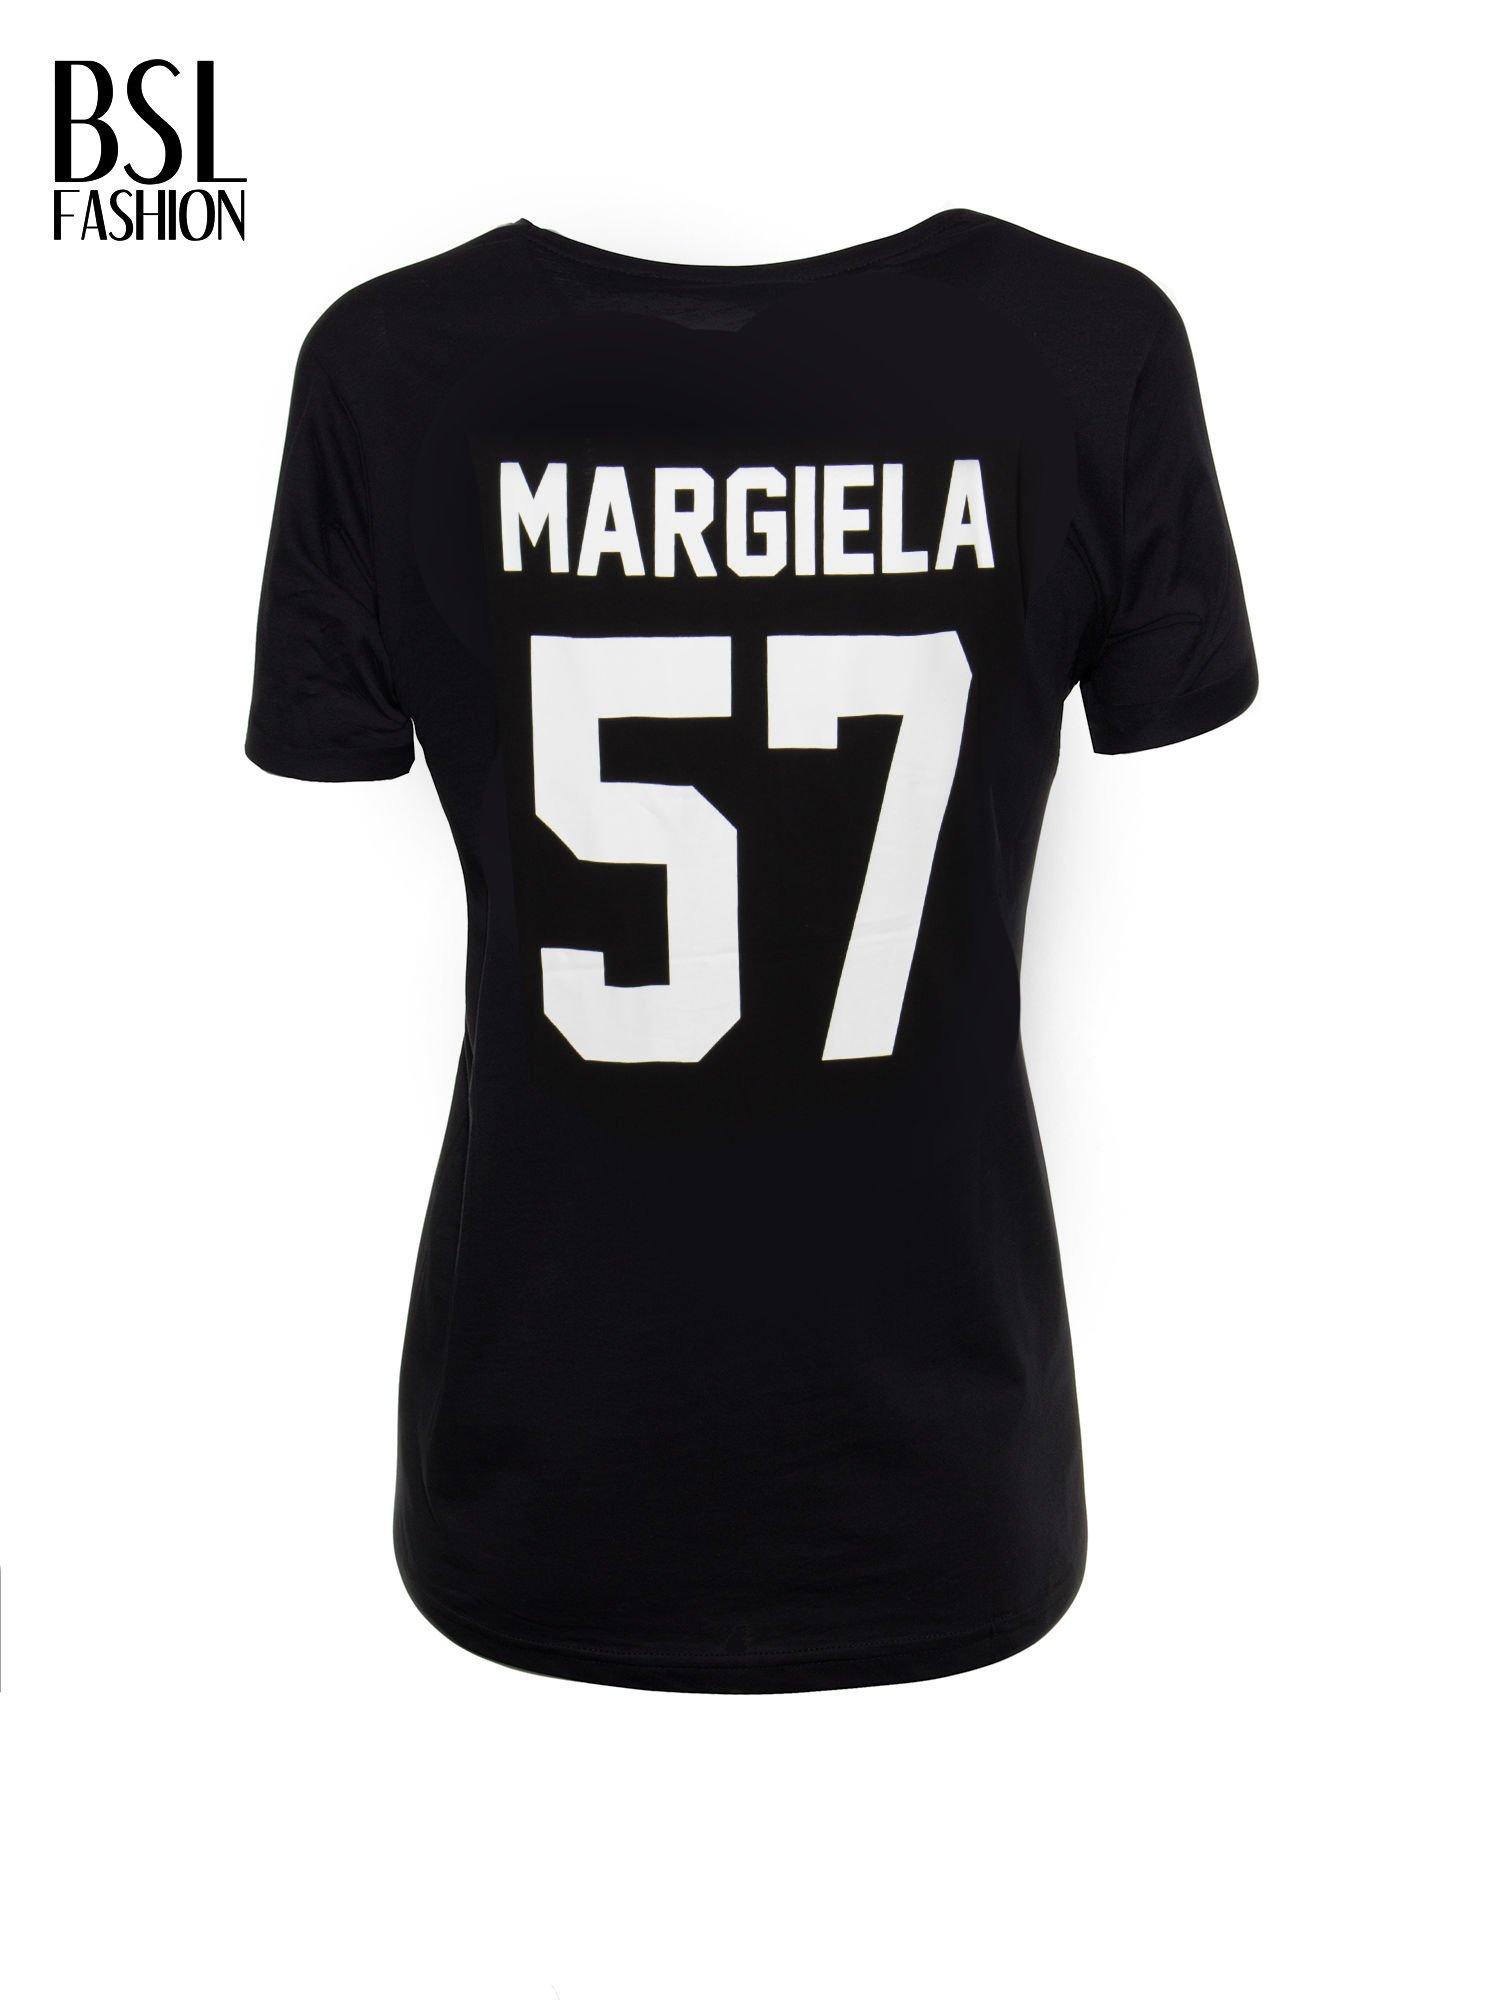 Czarny t-shirt z napisem MARGIELA 47 na plecach                                  zdj.                                  3